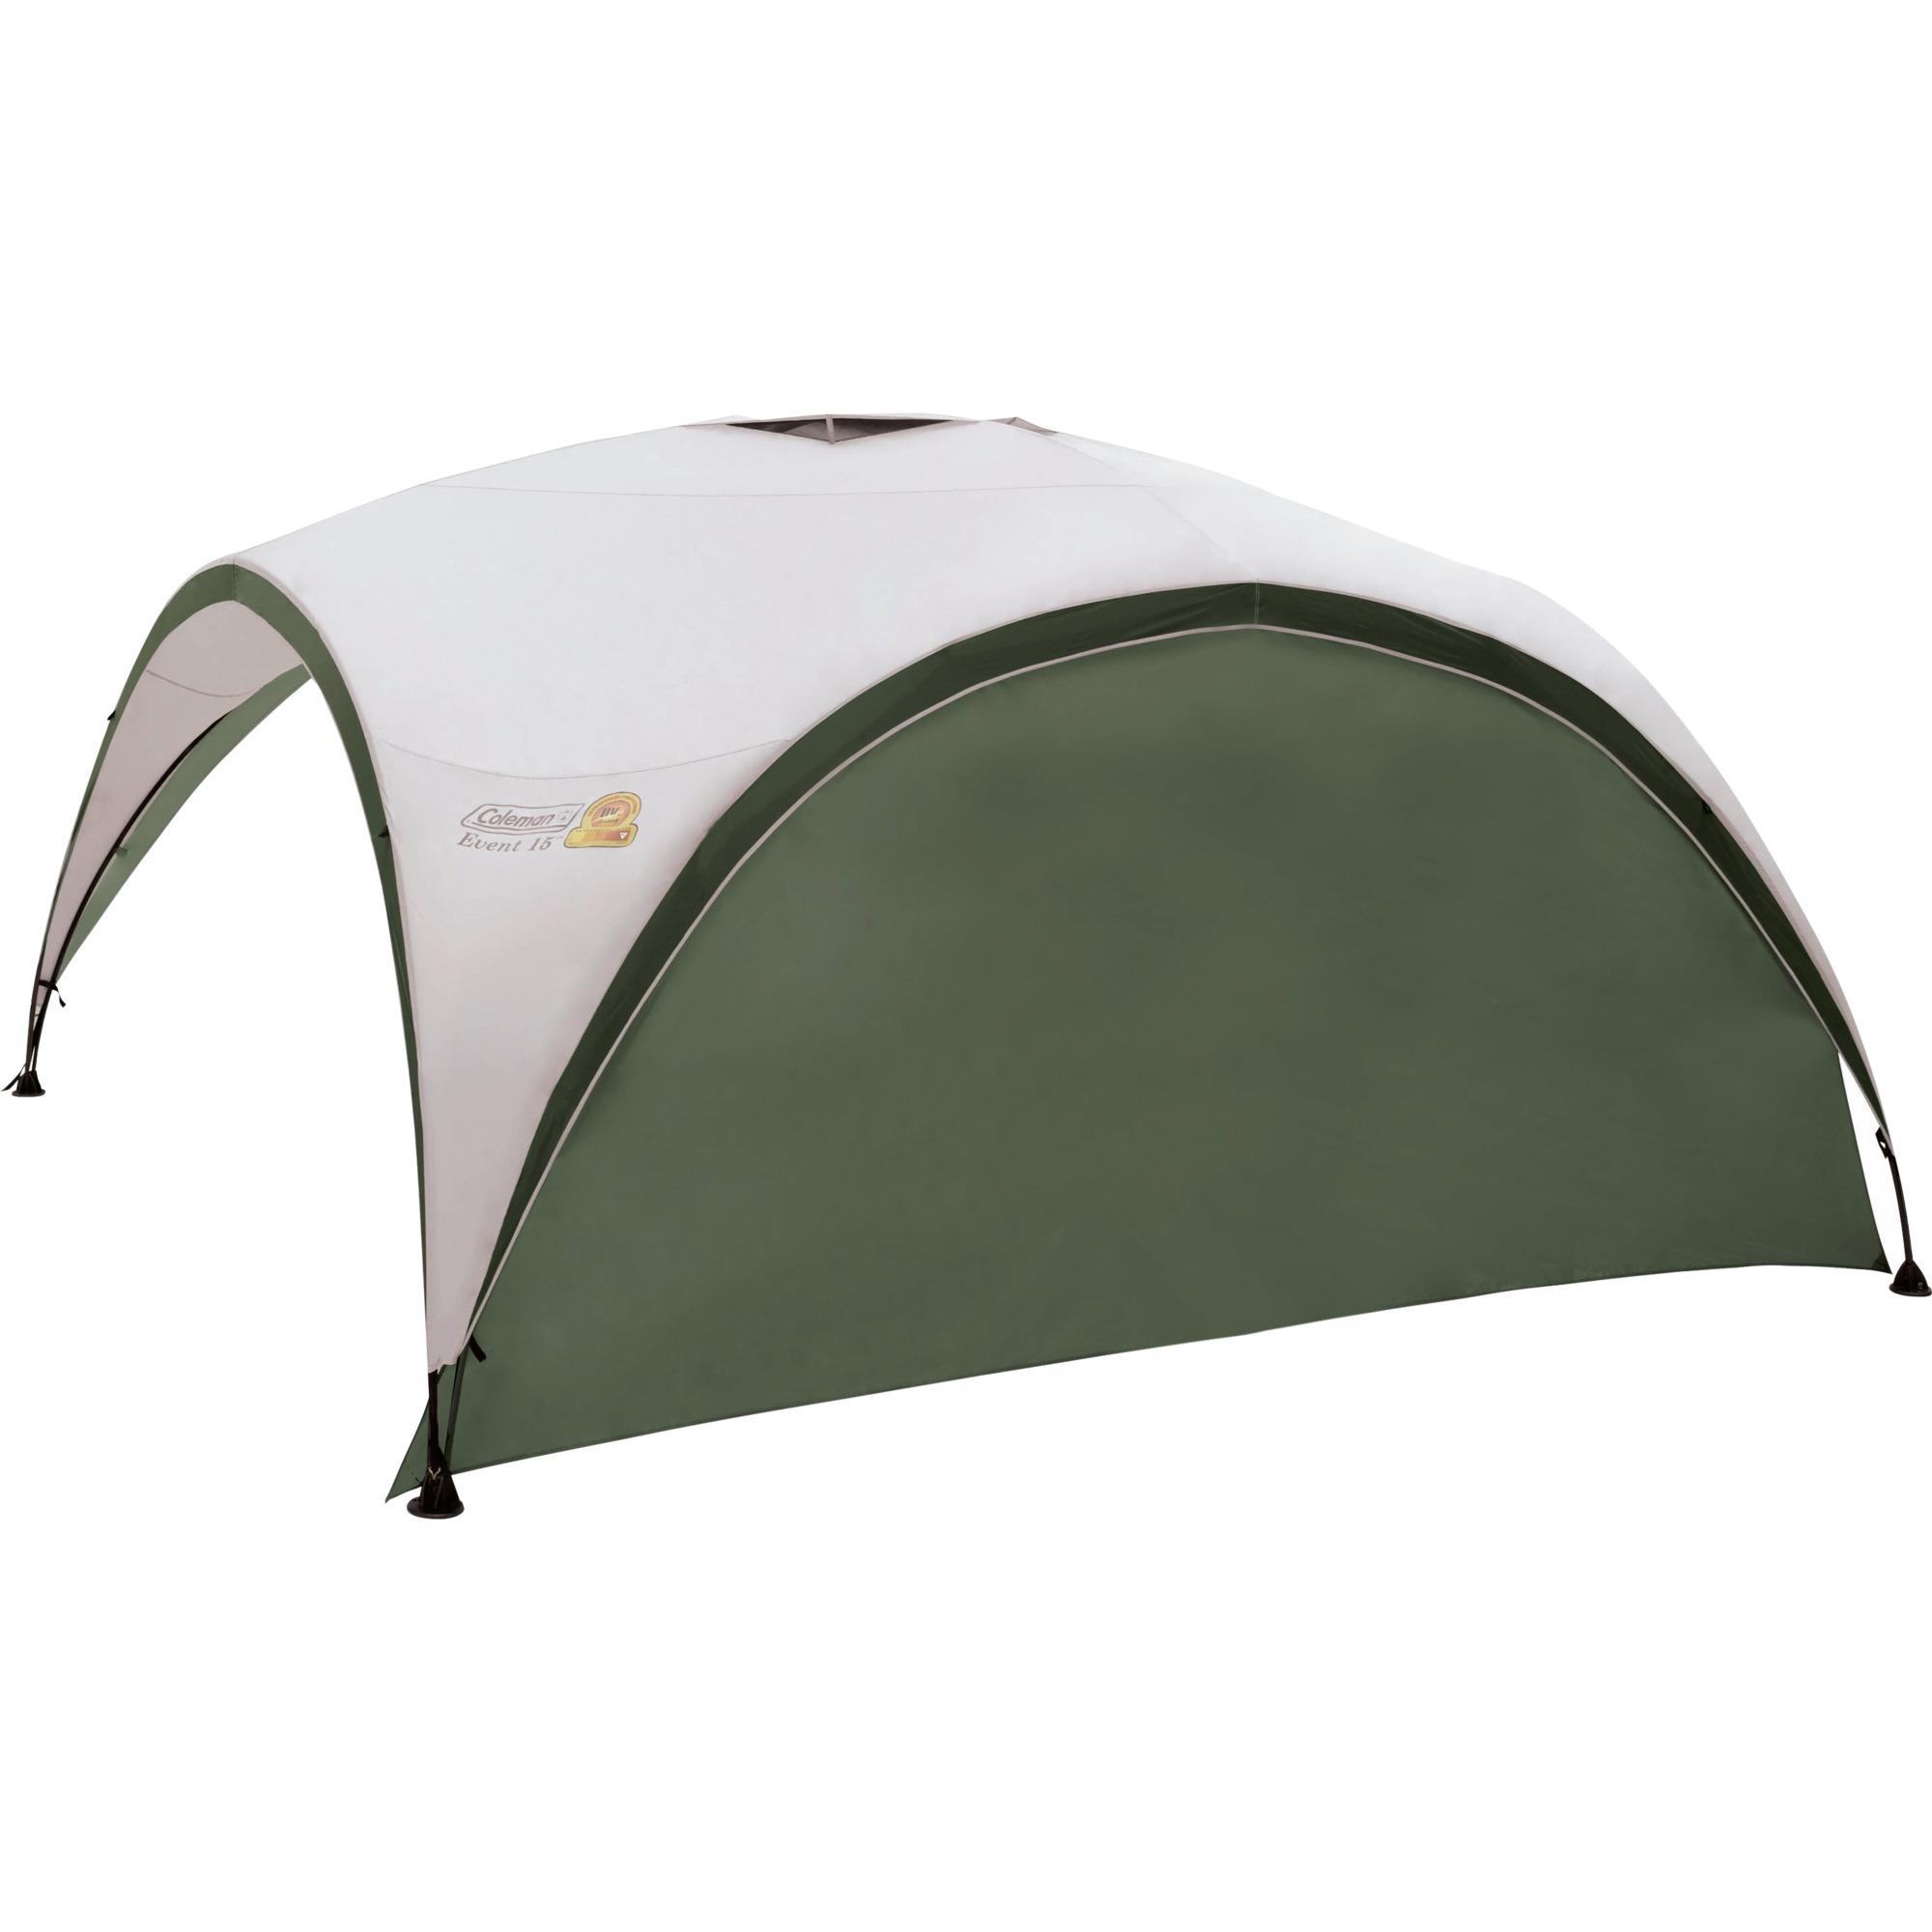 2000009776 Verde, Color blanco toldo y carpa para camping, Lateral